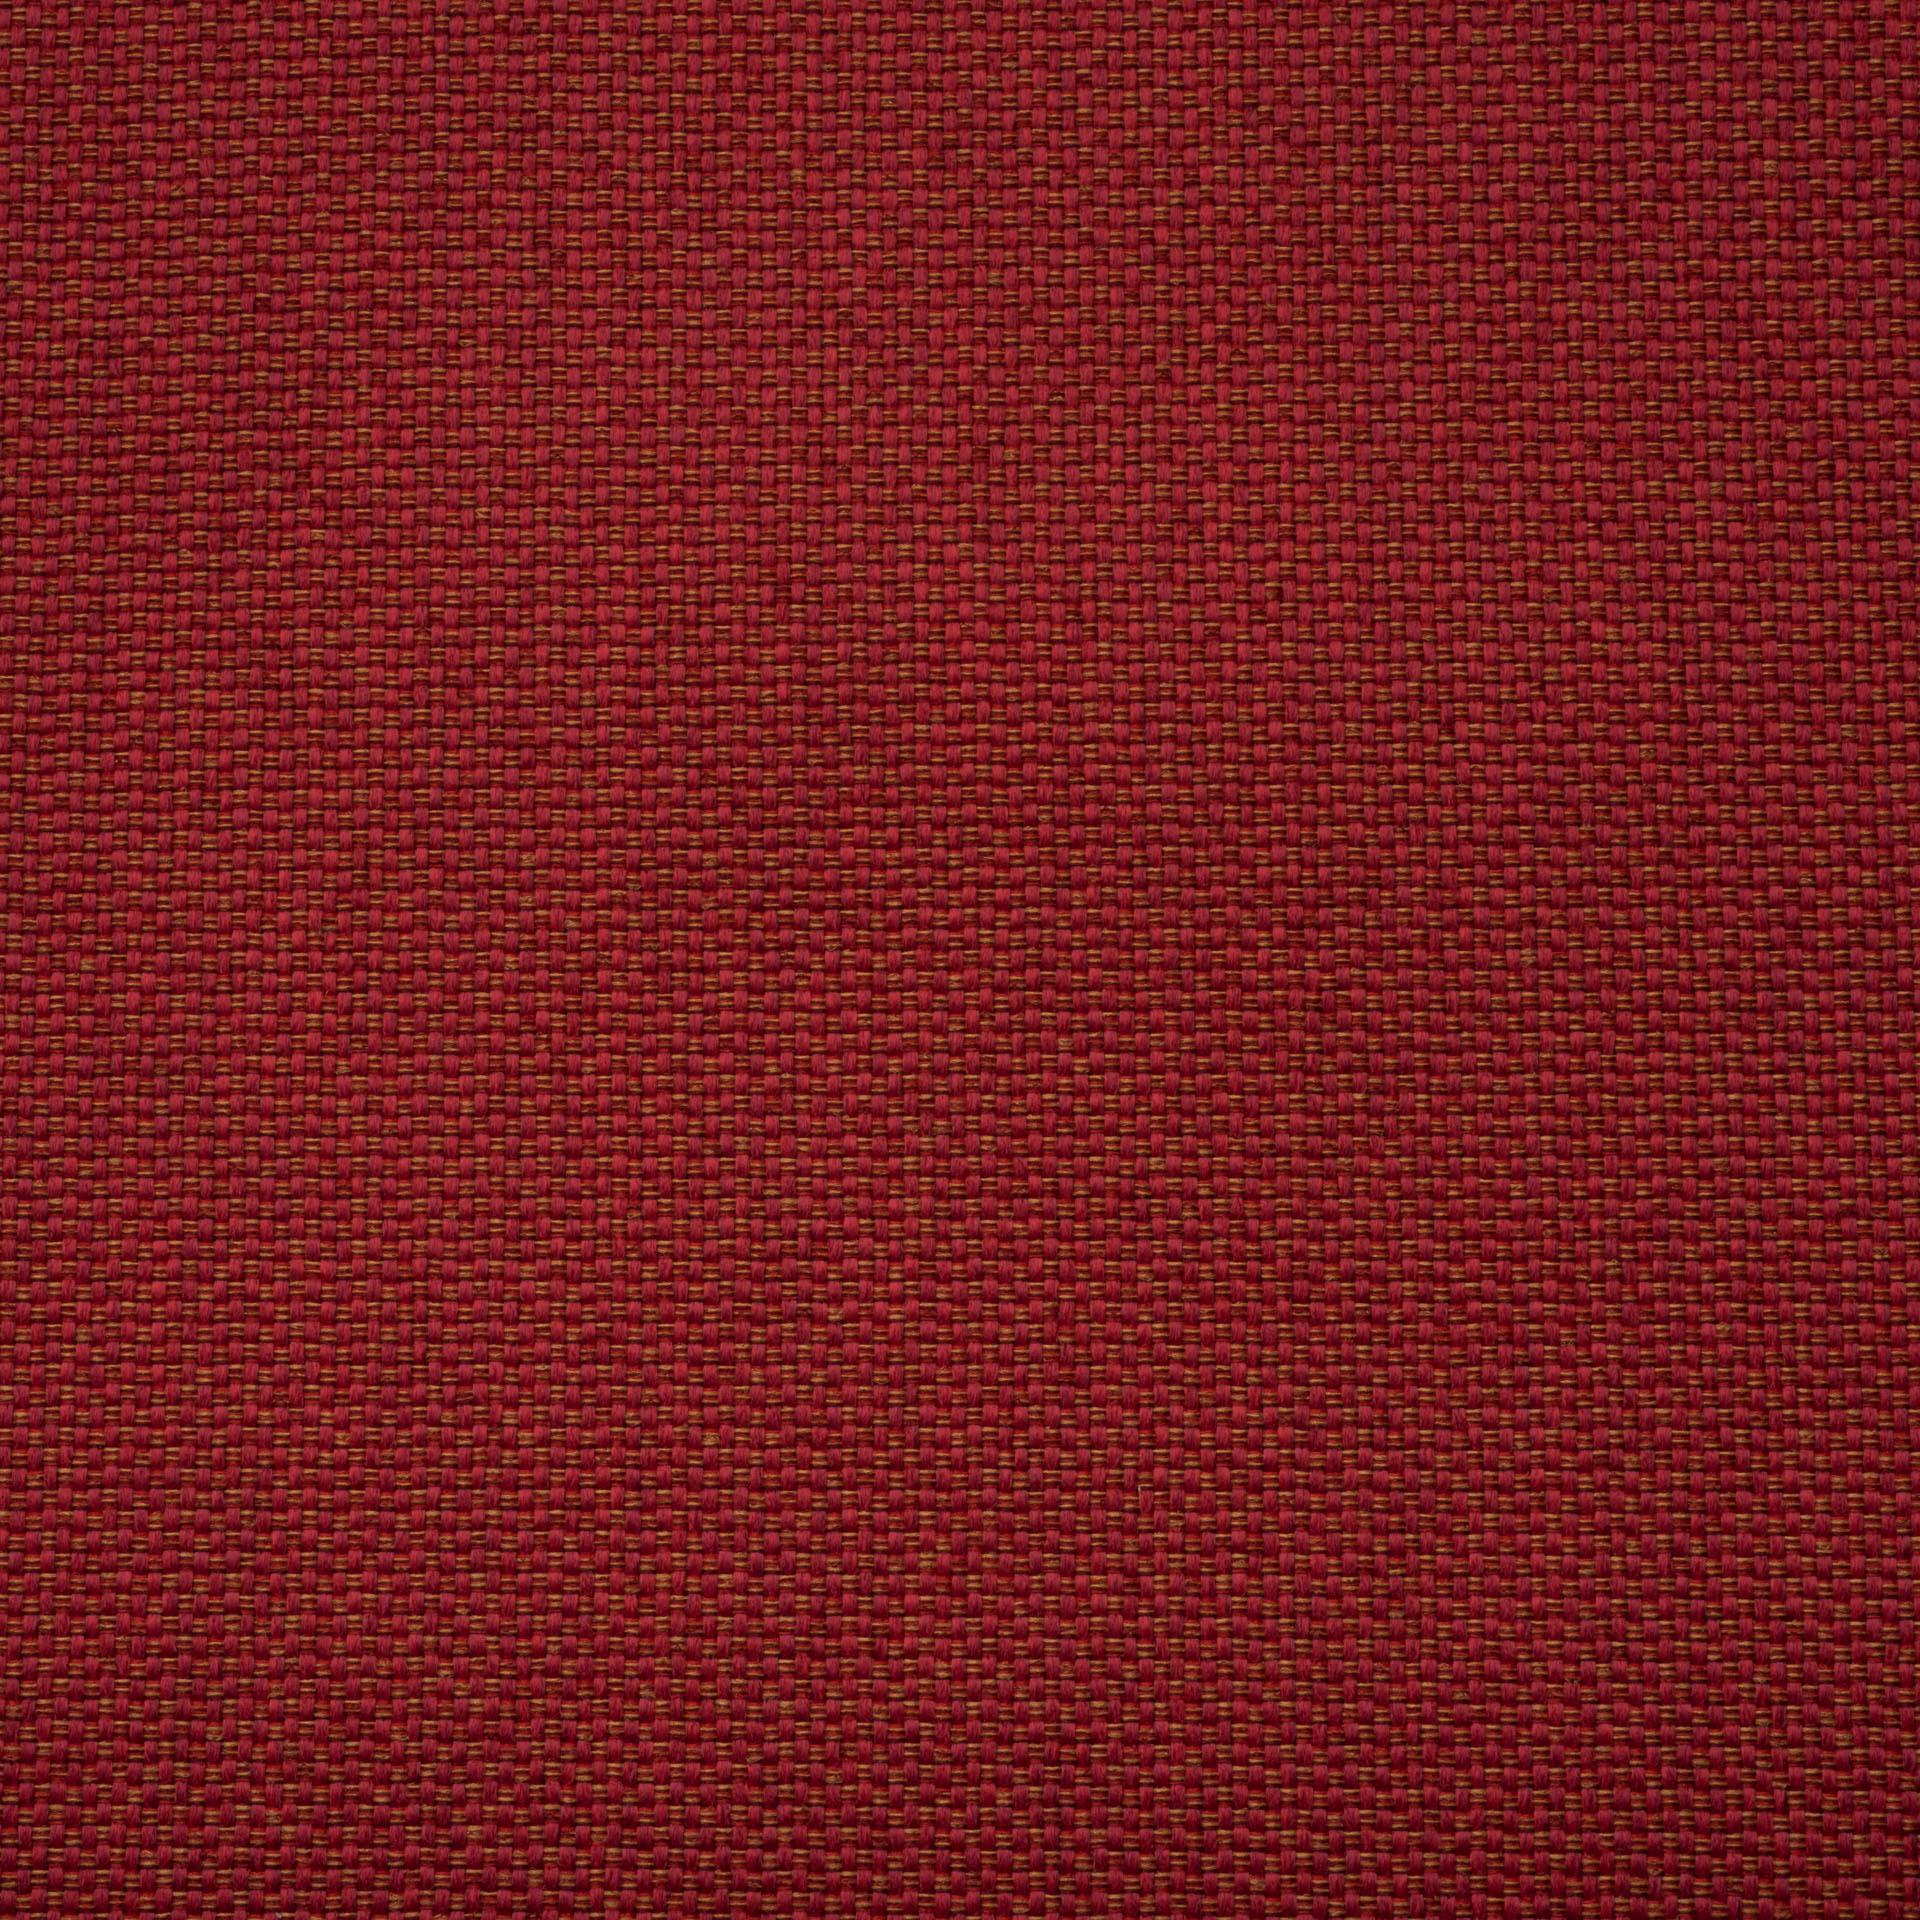 Коллекция ткани Сиеста комбин 63,  купить ткань Рогожка для мебели Украина